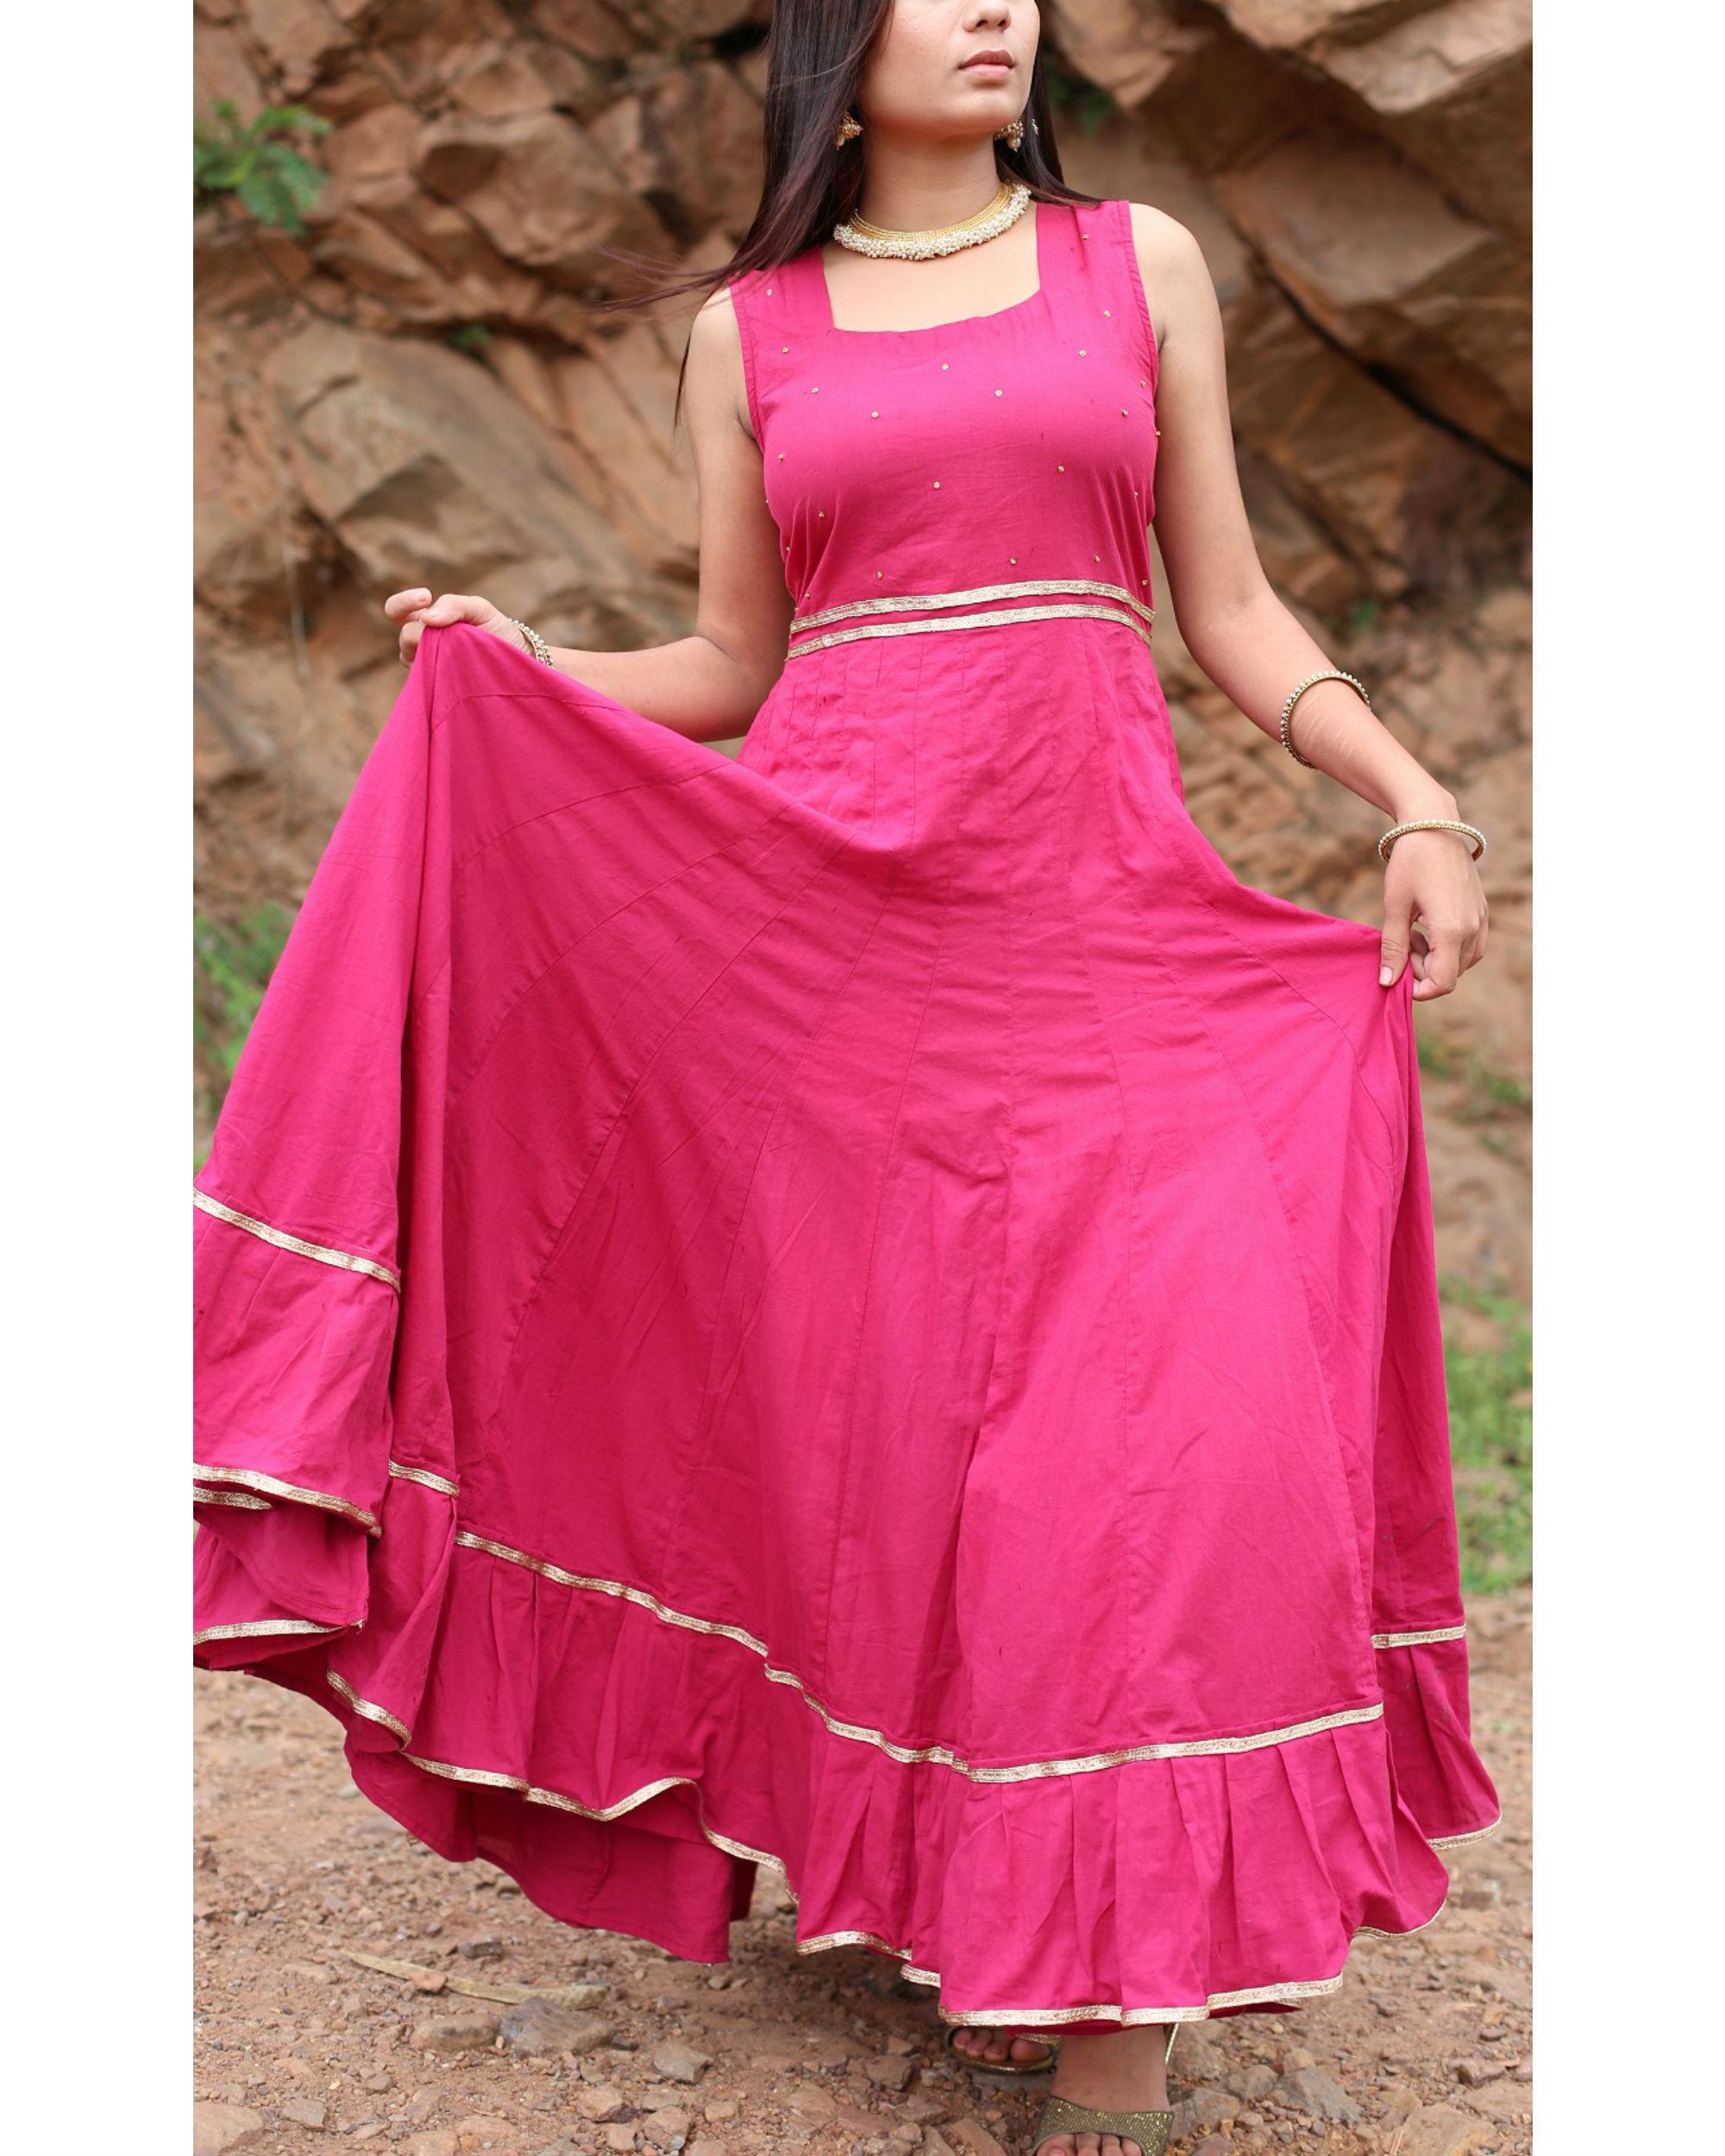 Gulabo flared dress